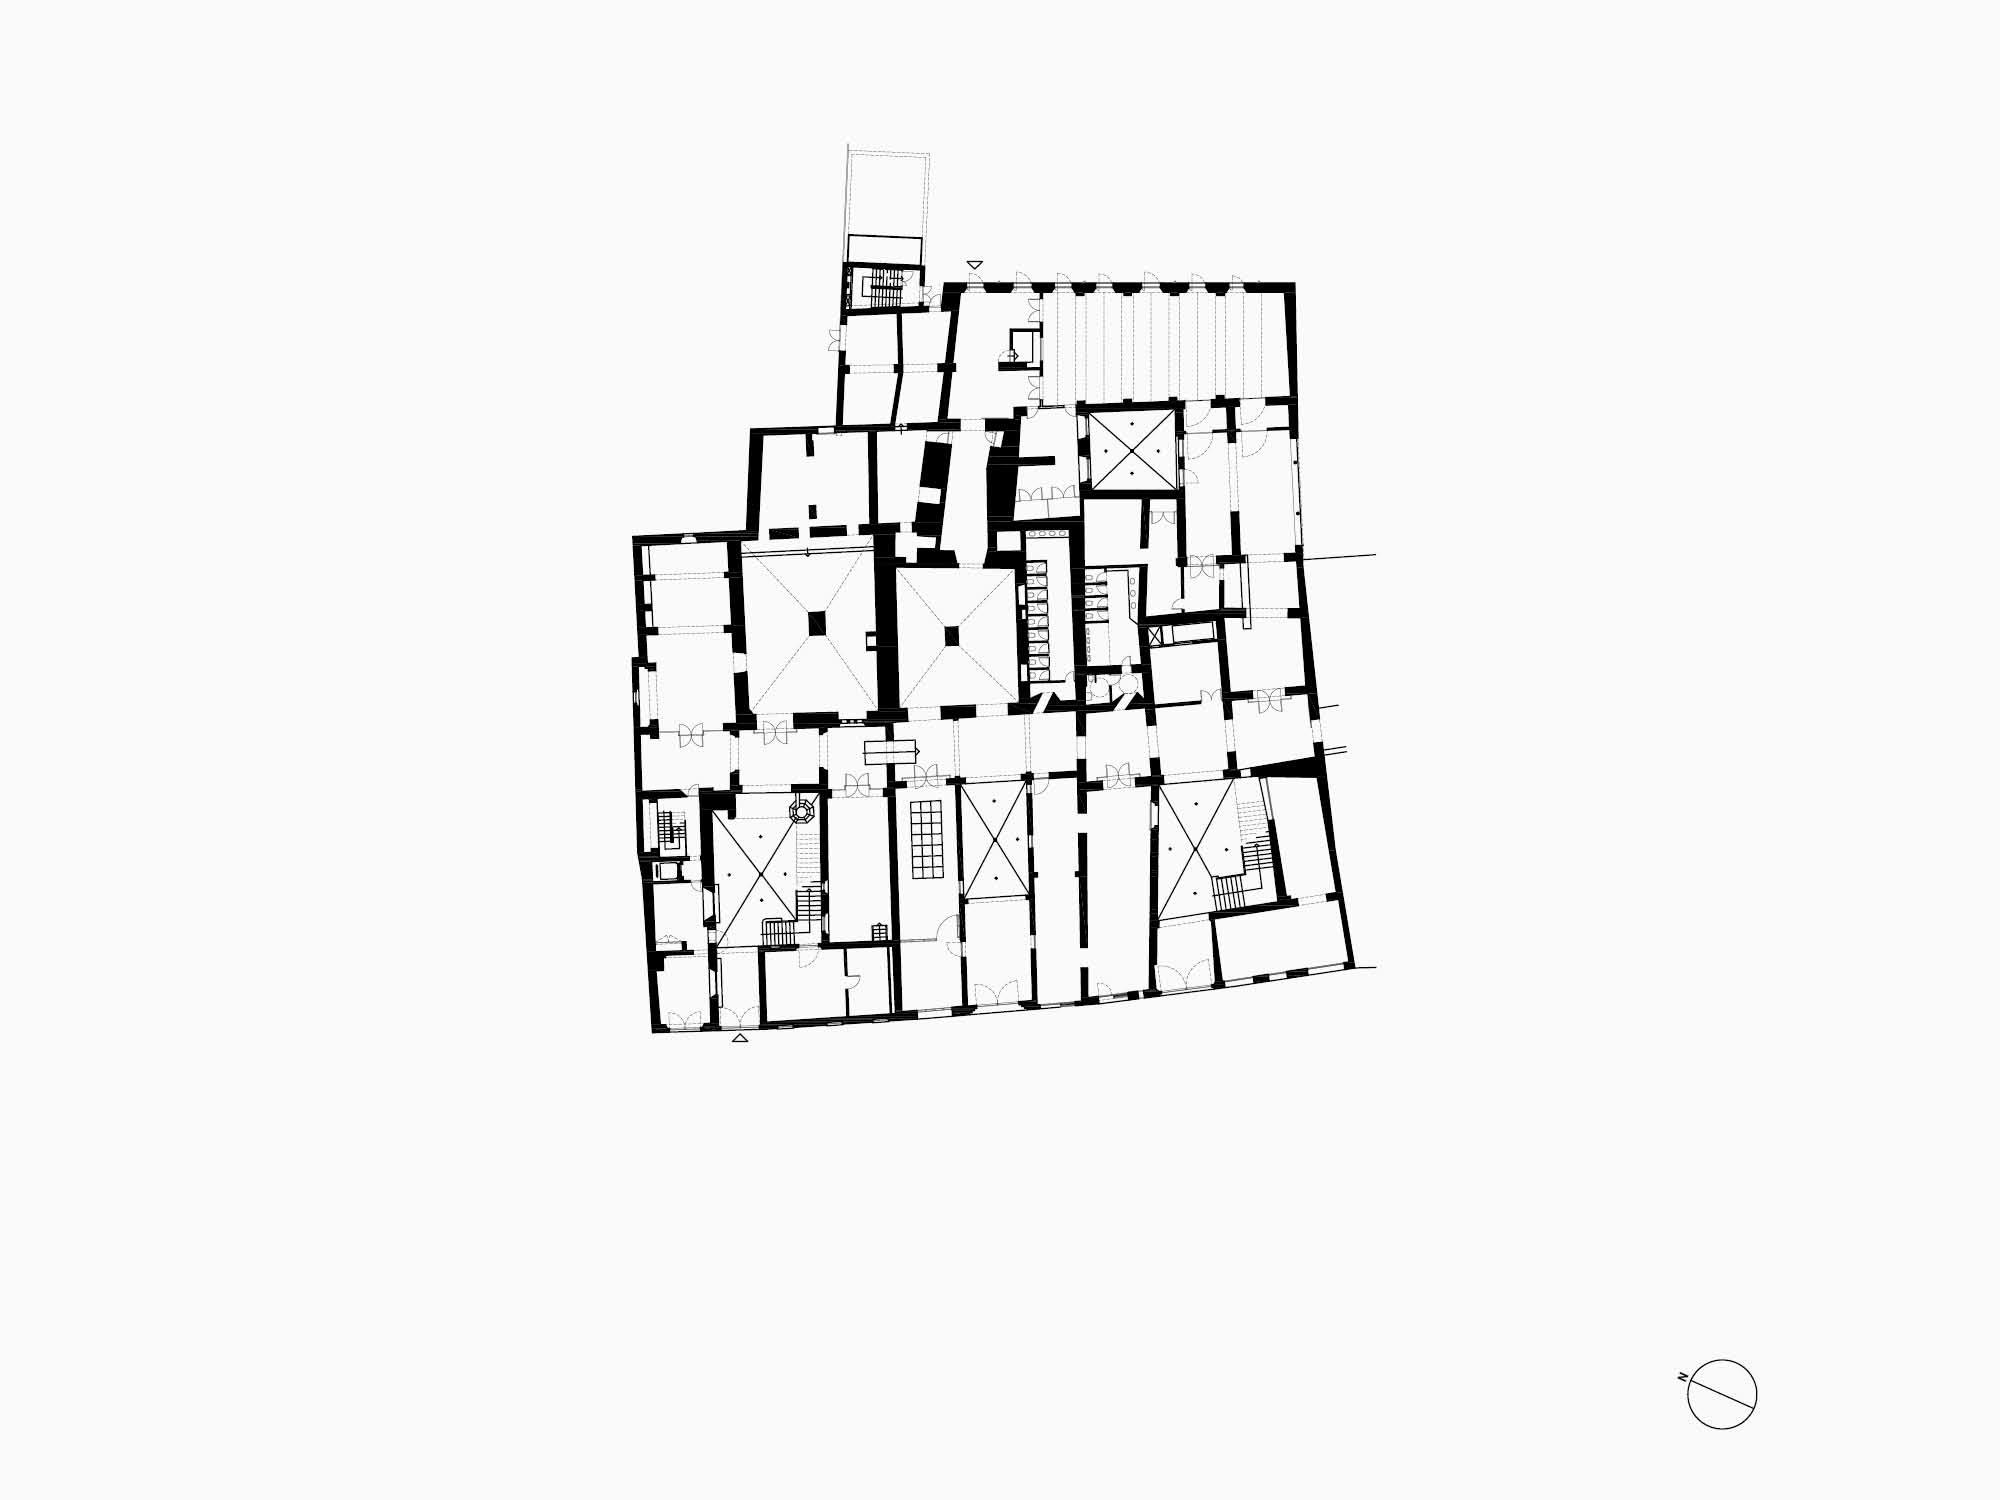 Museu Picasso - Garcés - de Seta - Bonet